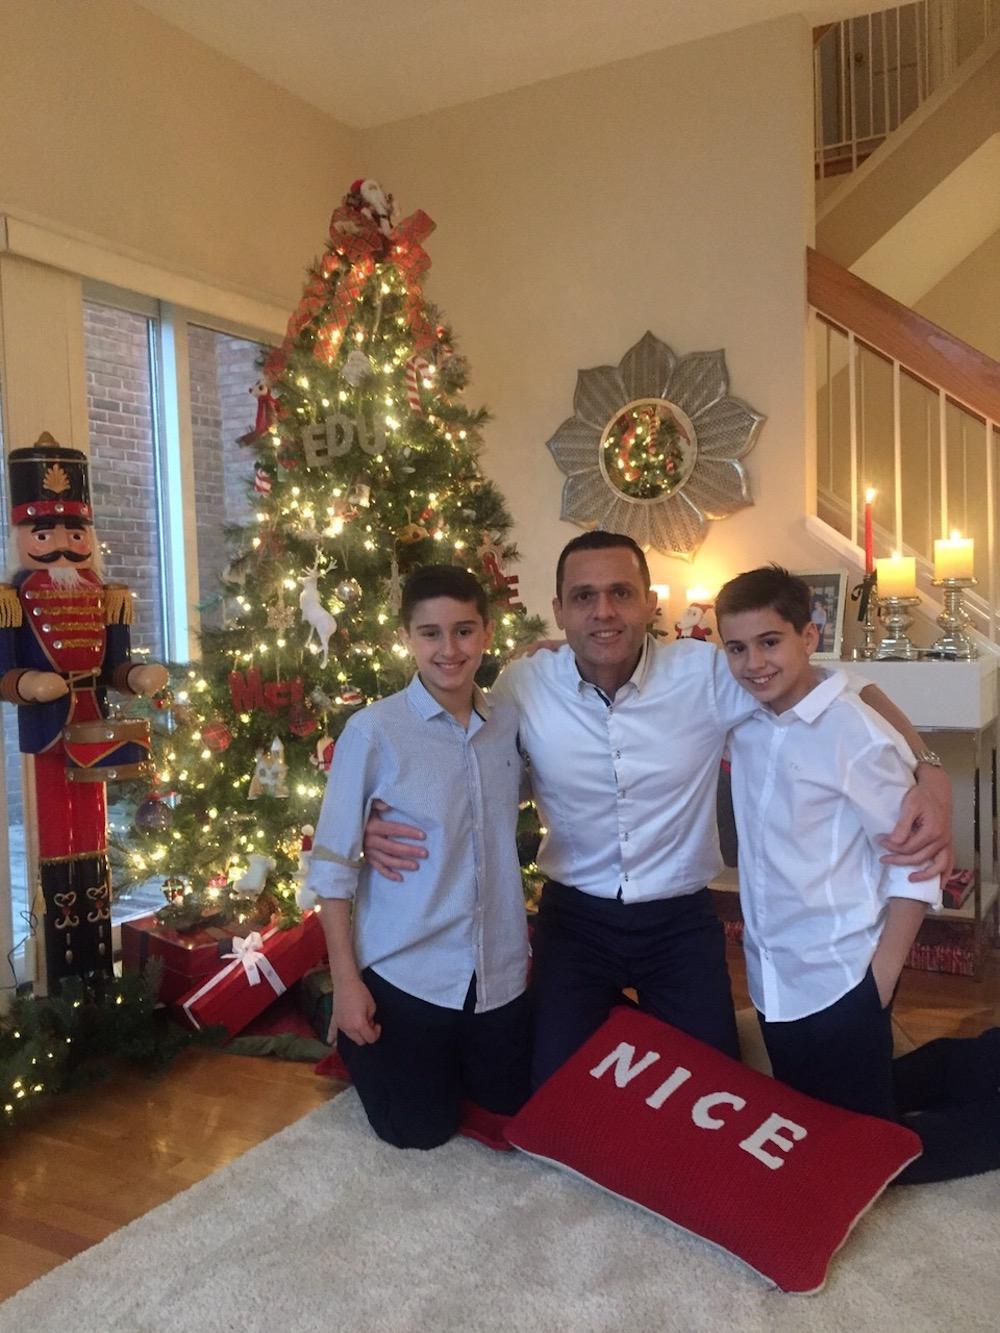 2015 Com Os Filhos Iago E Caique Em Sua Casa Em Washington Dc, Eua, Celebrando O Natal De 2015